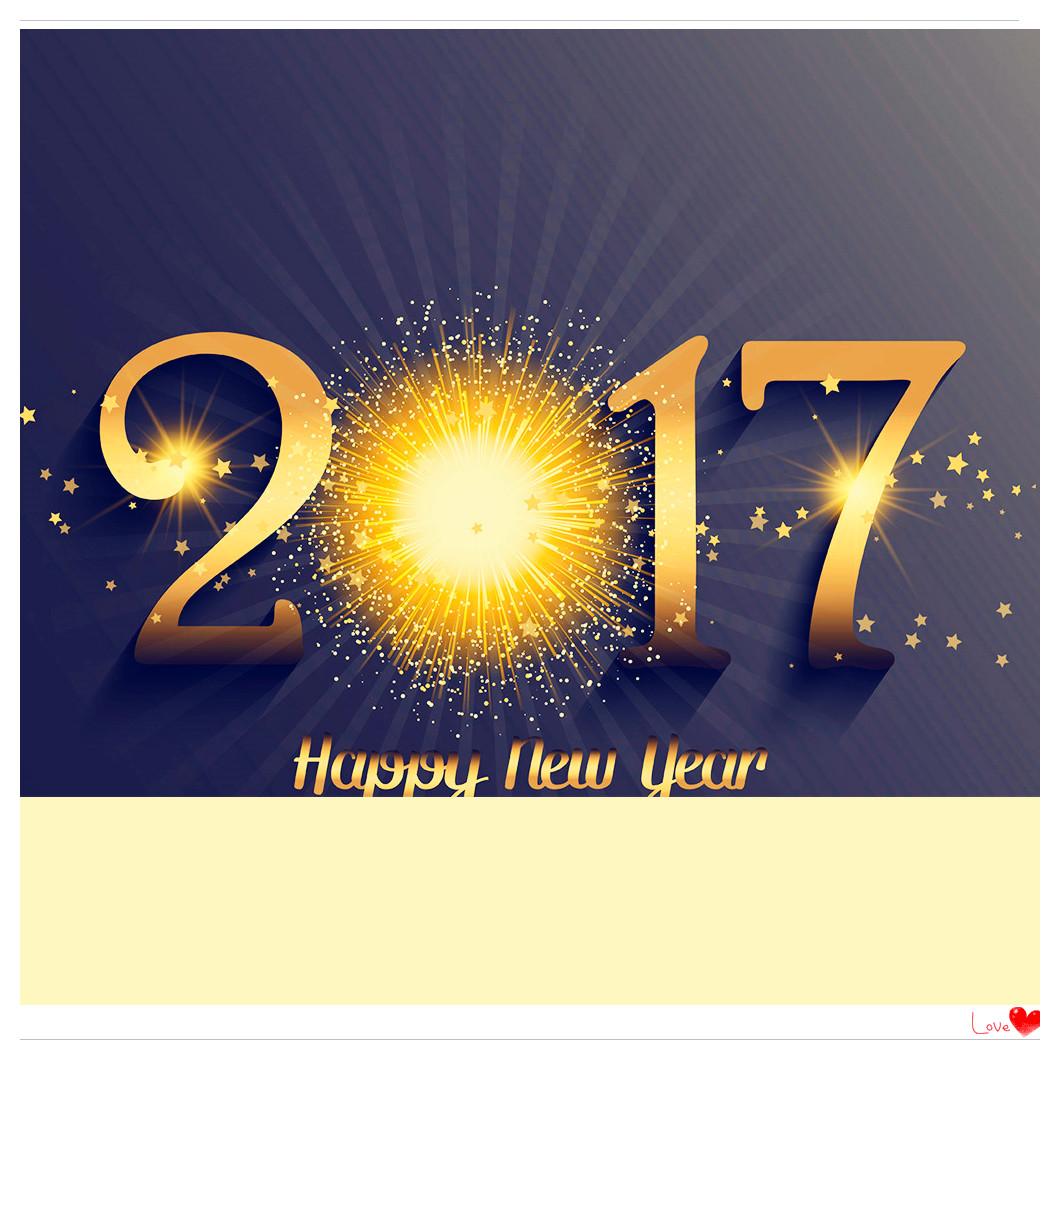 陕西久辉:祝您新年快乐!